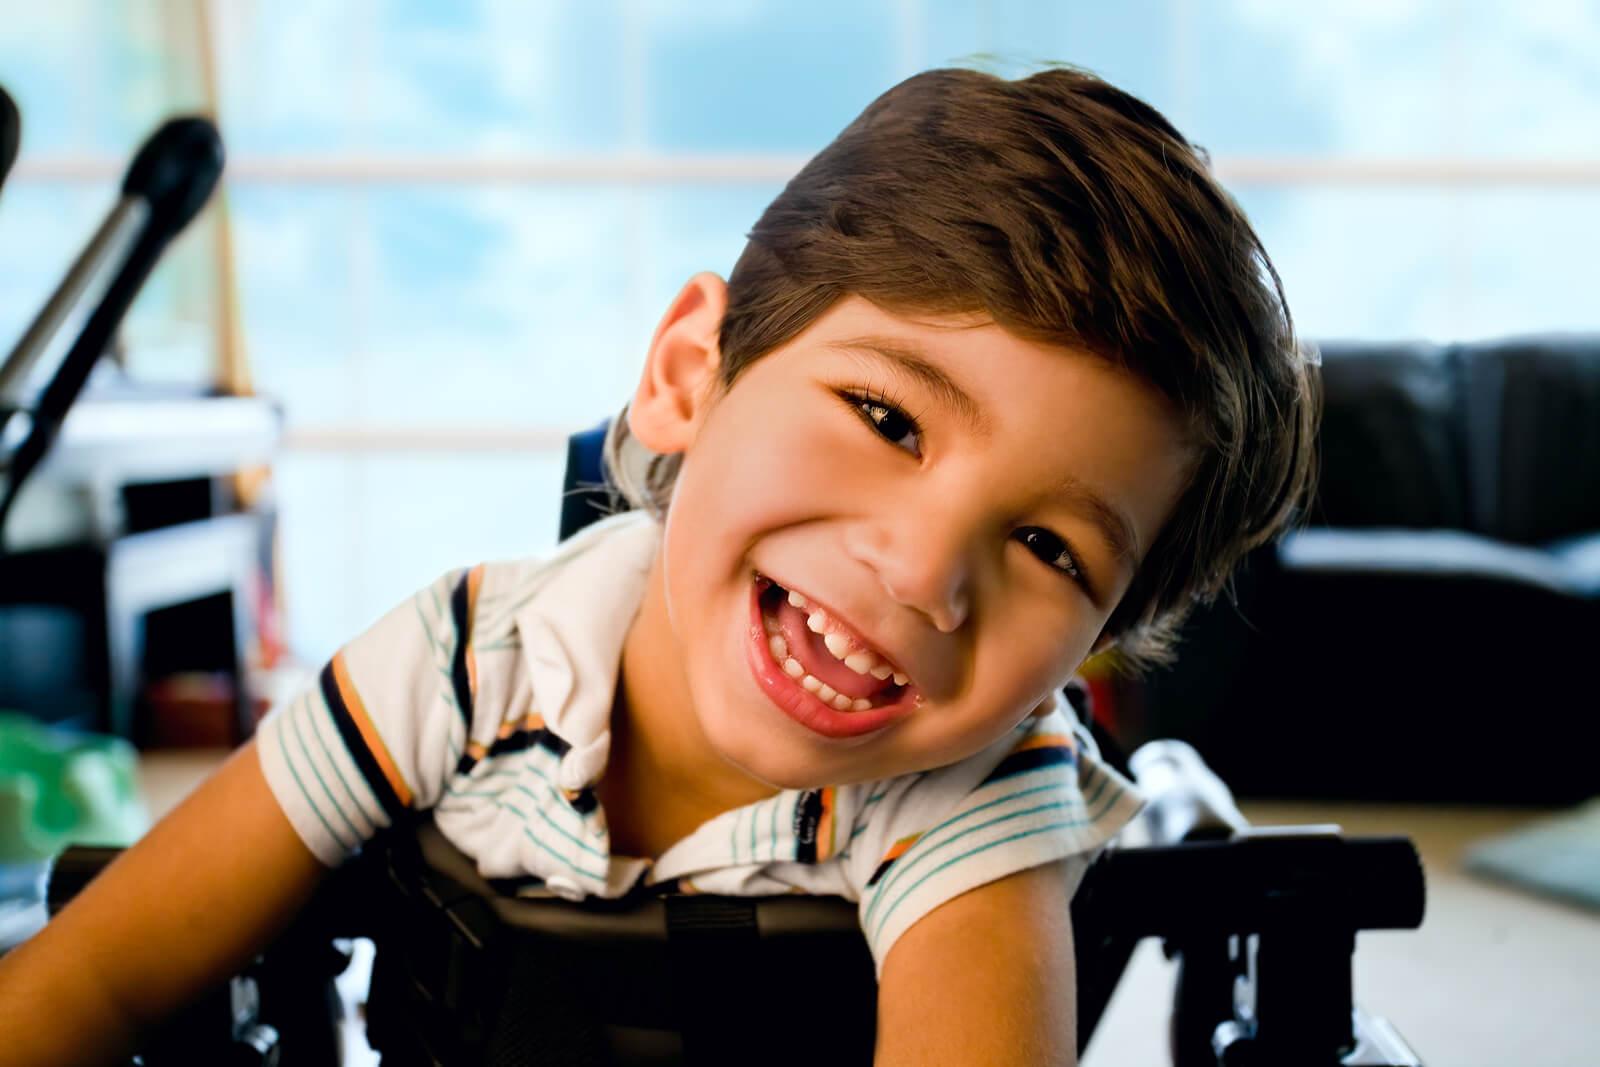 Niño con discapacidad muy sonriente y feliz.